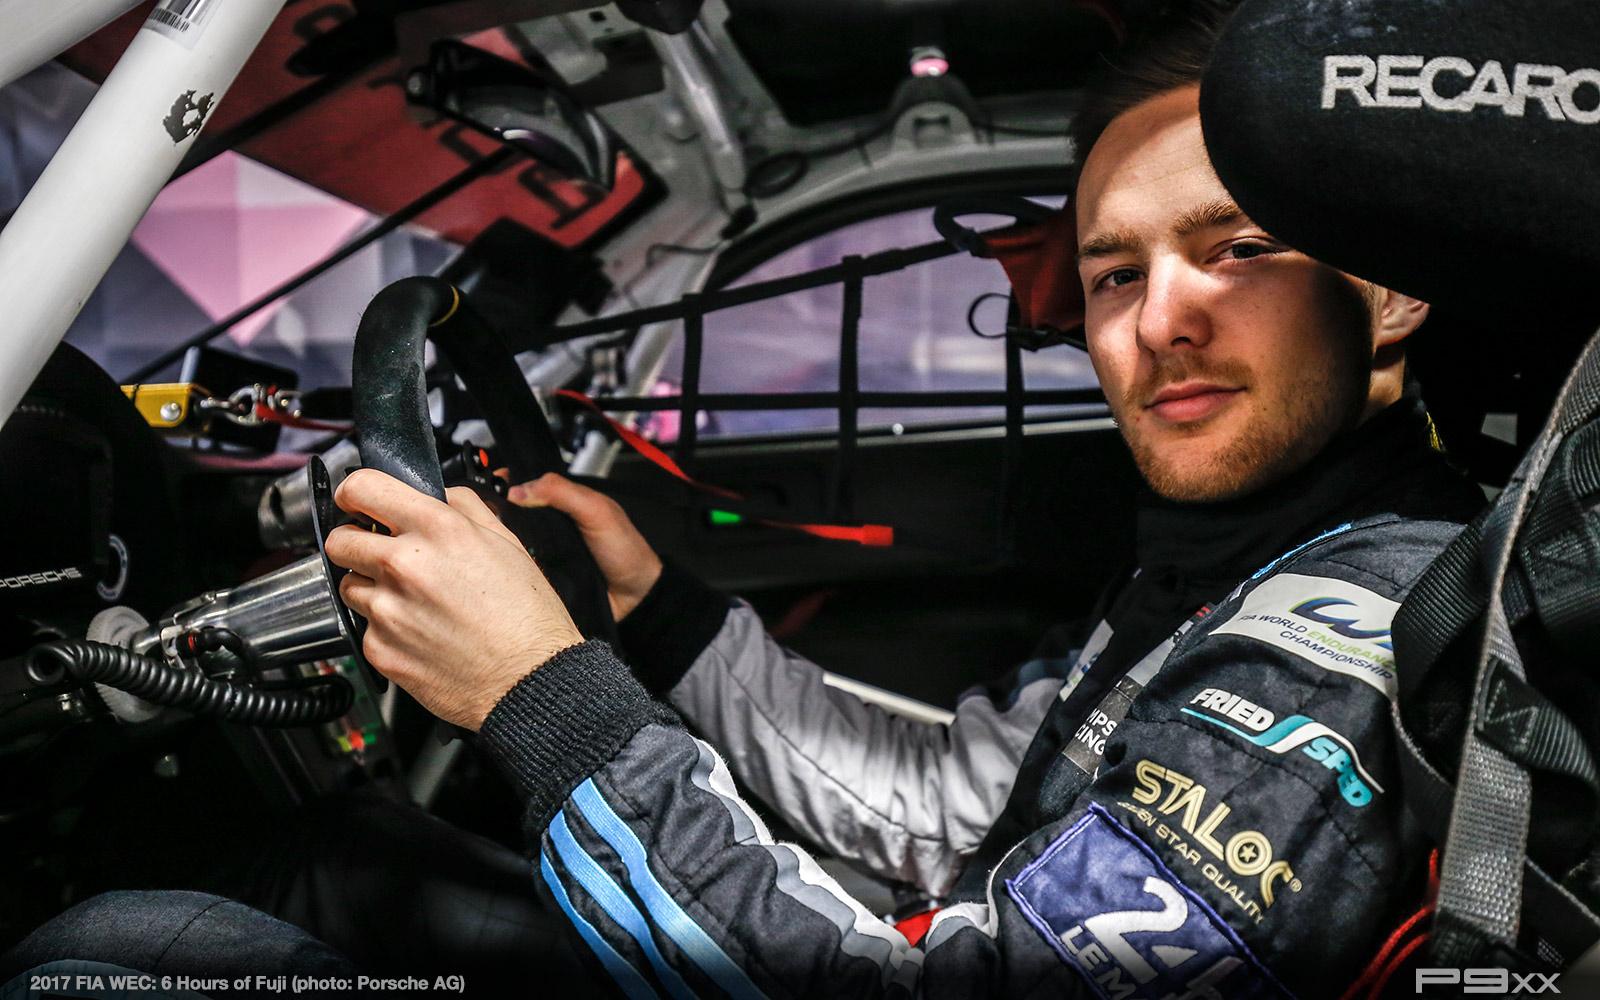 2017-FIA-WEC-6h-of-Fuji-Porsche-469